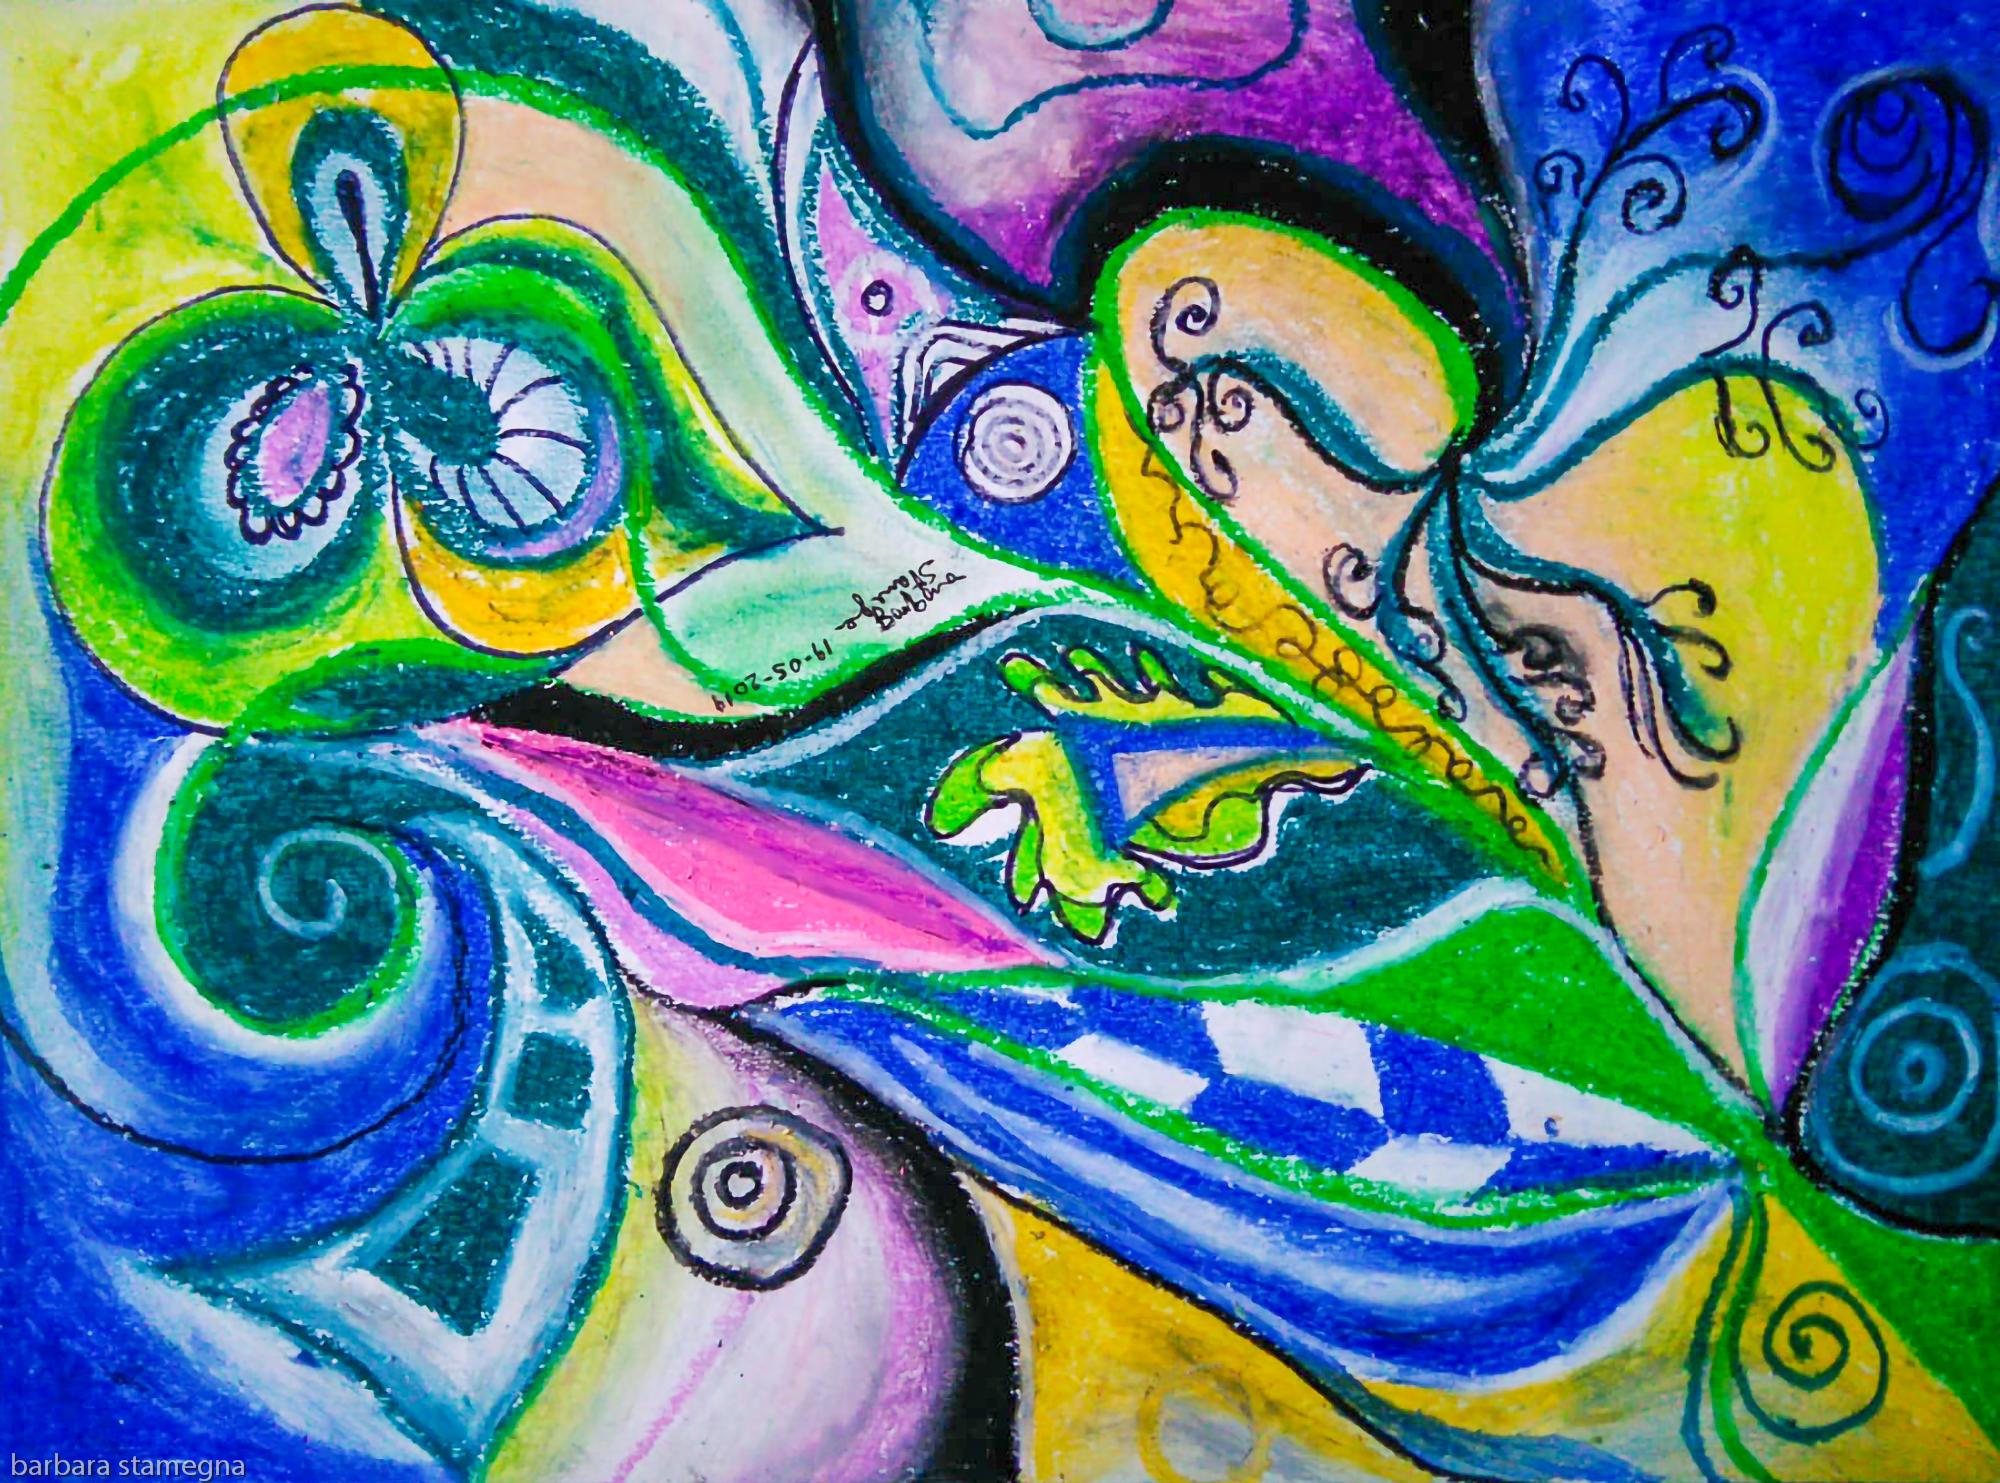 movimenti di astrazioni blue verdi con vortici,cerchi e forme concentriche e a forma di foglia,forme geometriche e riccioli di vari colori con sfumature